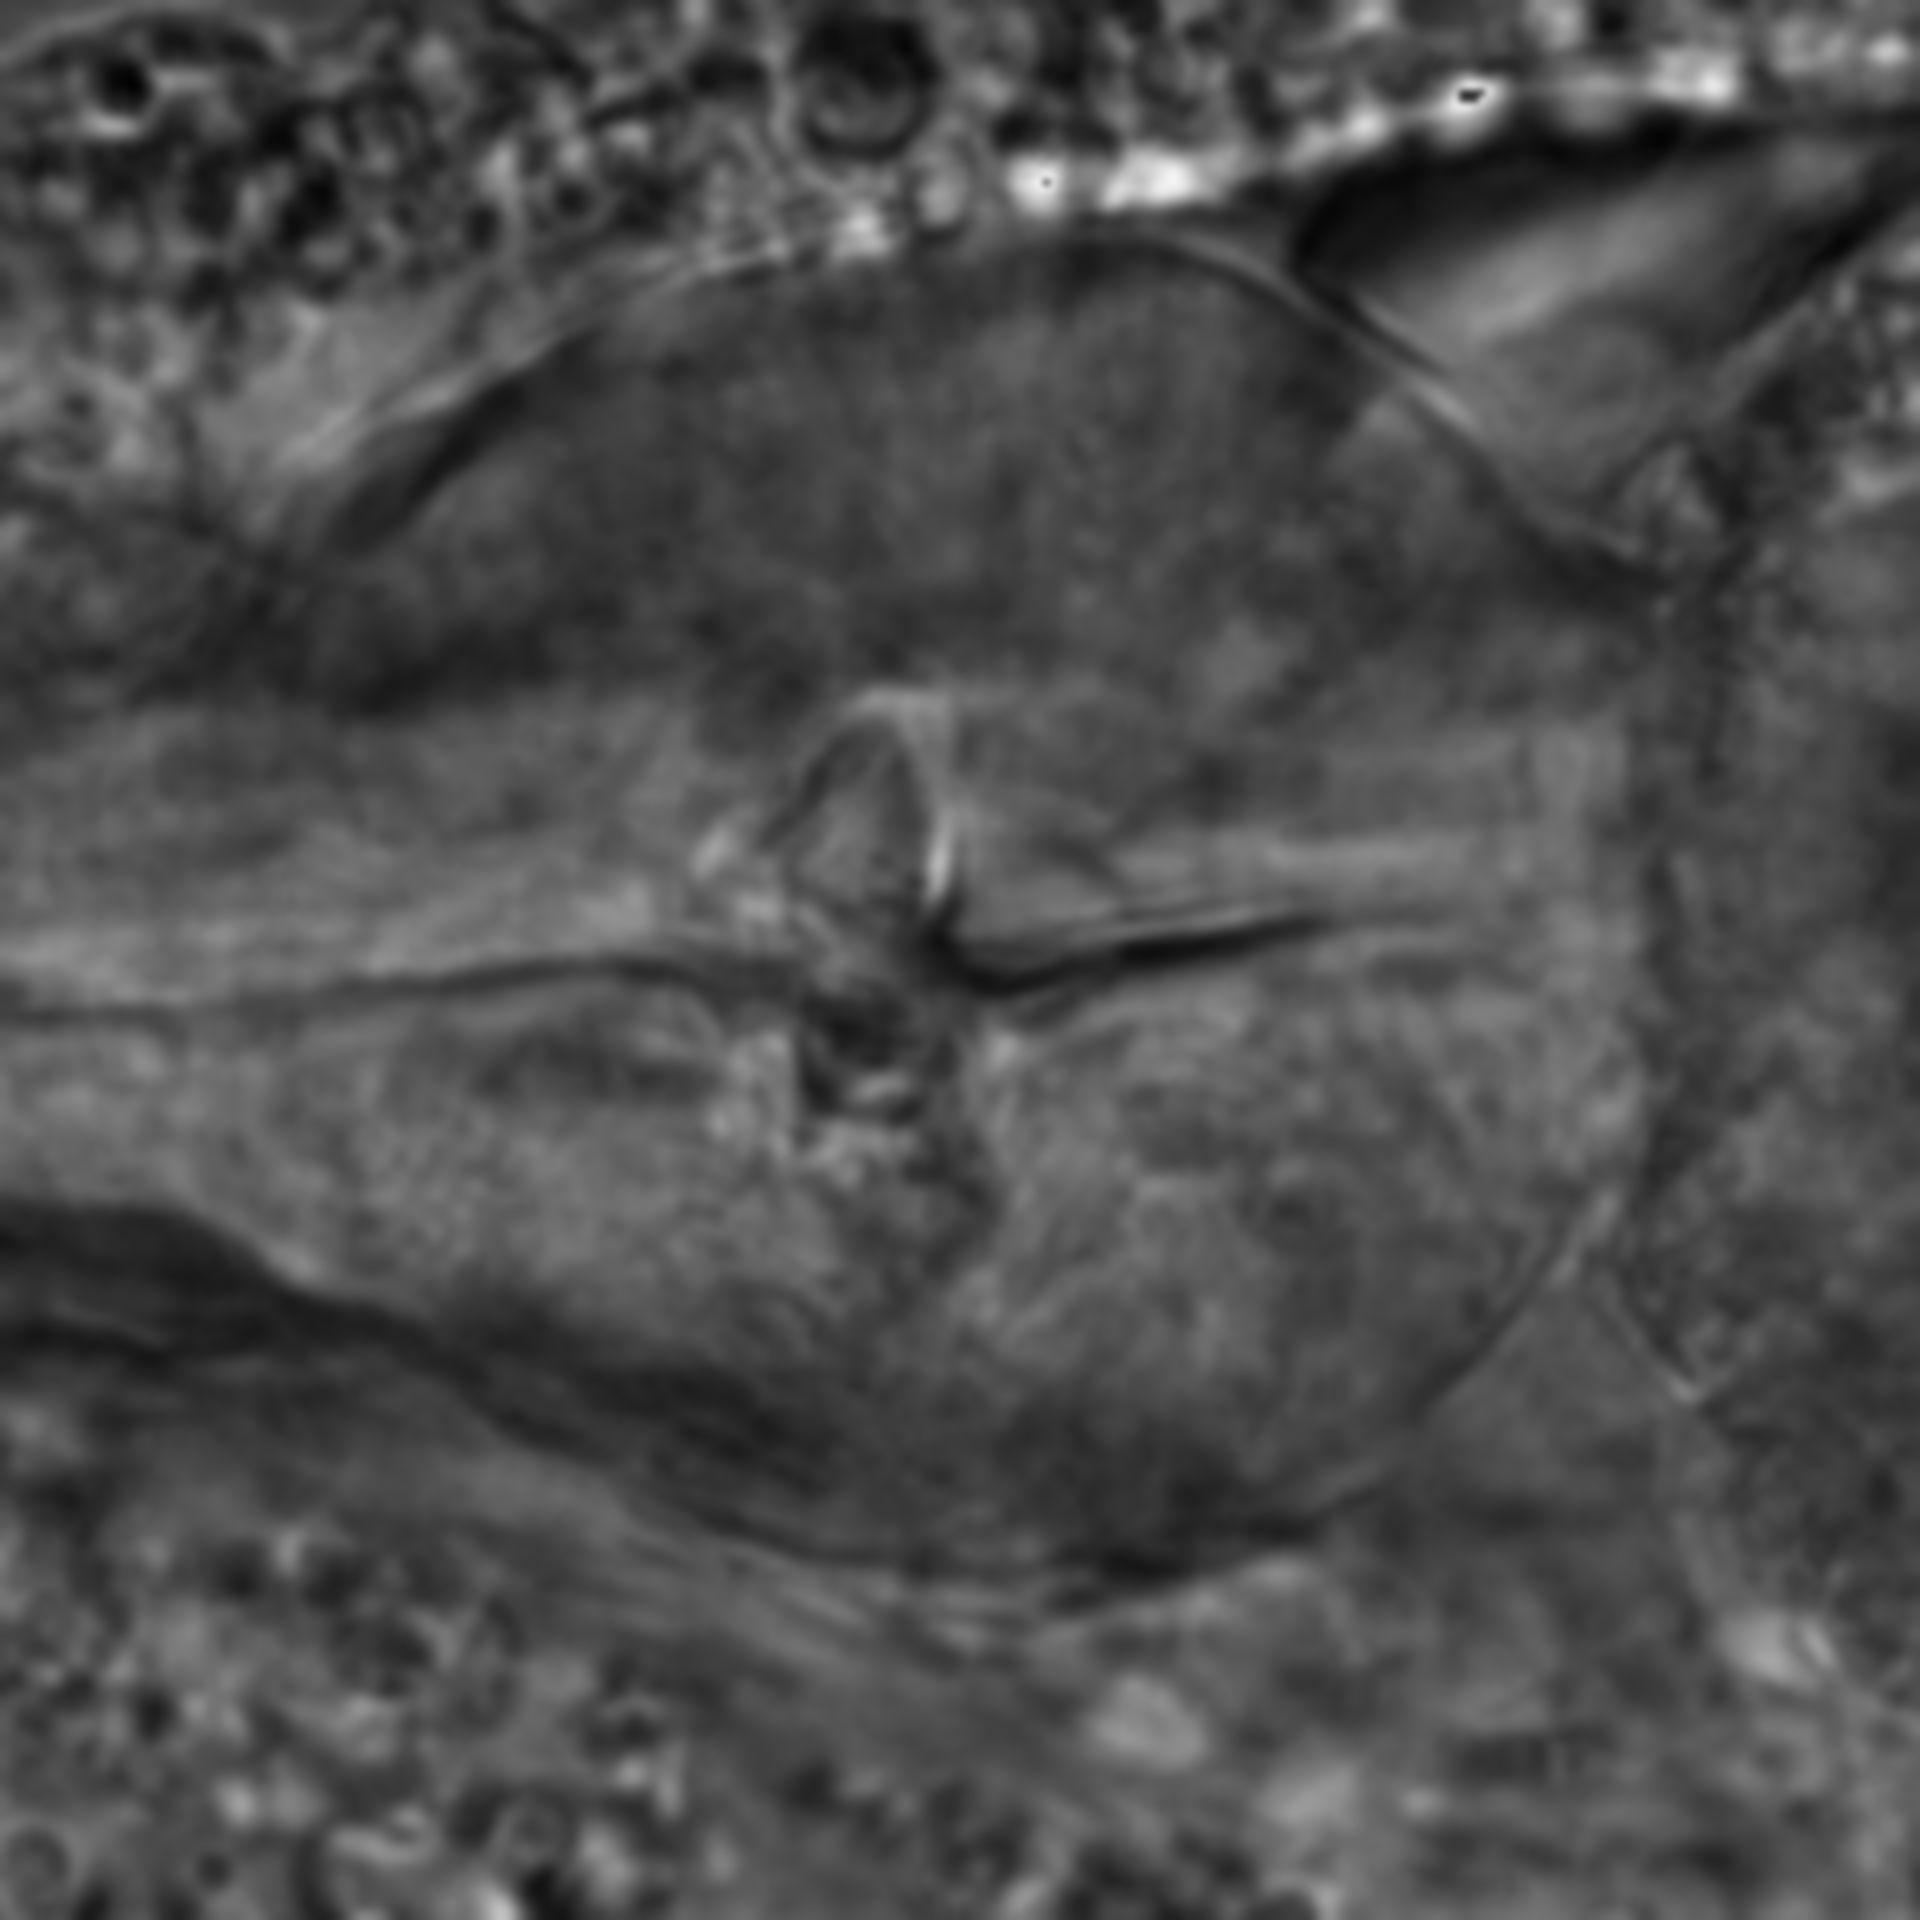 Caenorhabditis elegans - CIL:1768